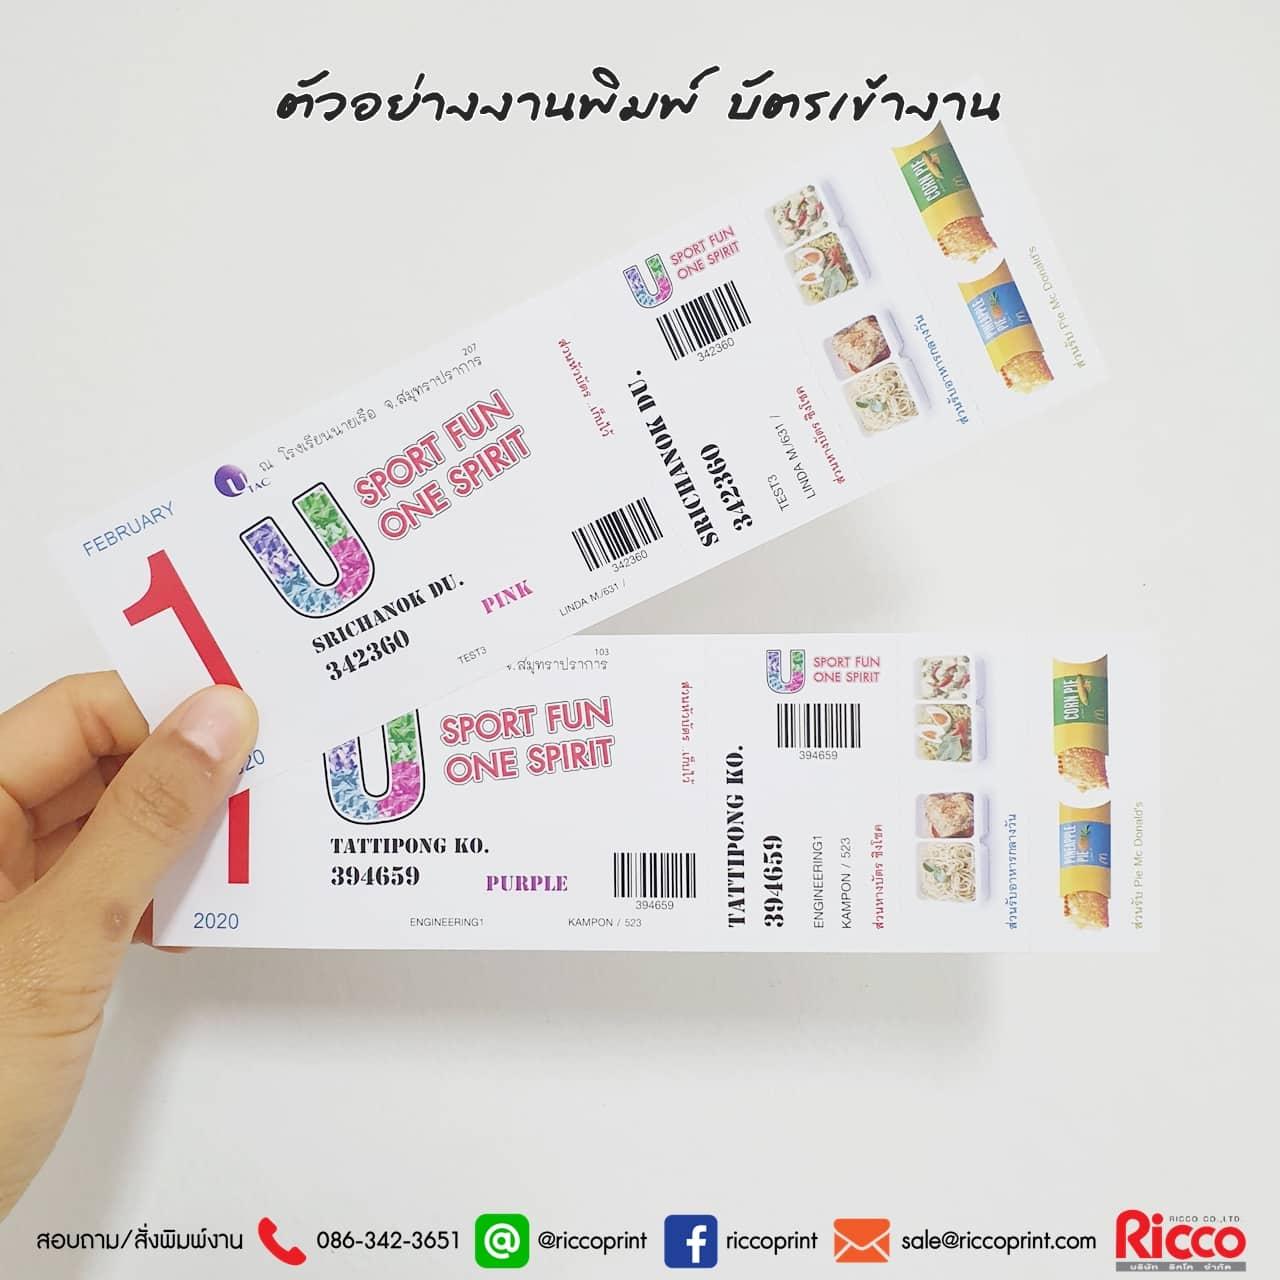 รูป Ticket 2020 8 - ประกอบเนื้อหา คูปอง บัตรกำนัล ตั๋ว